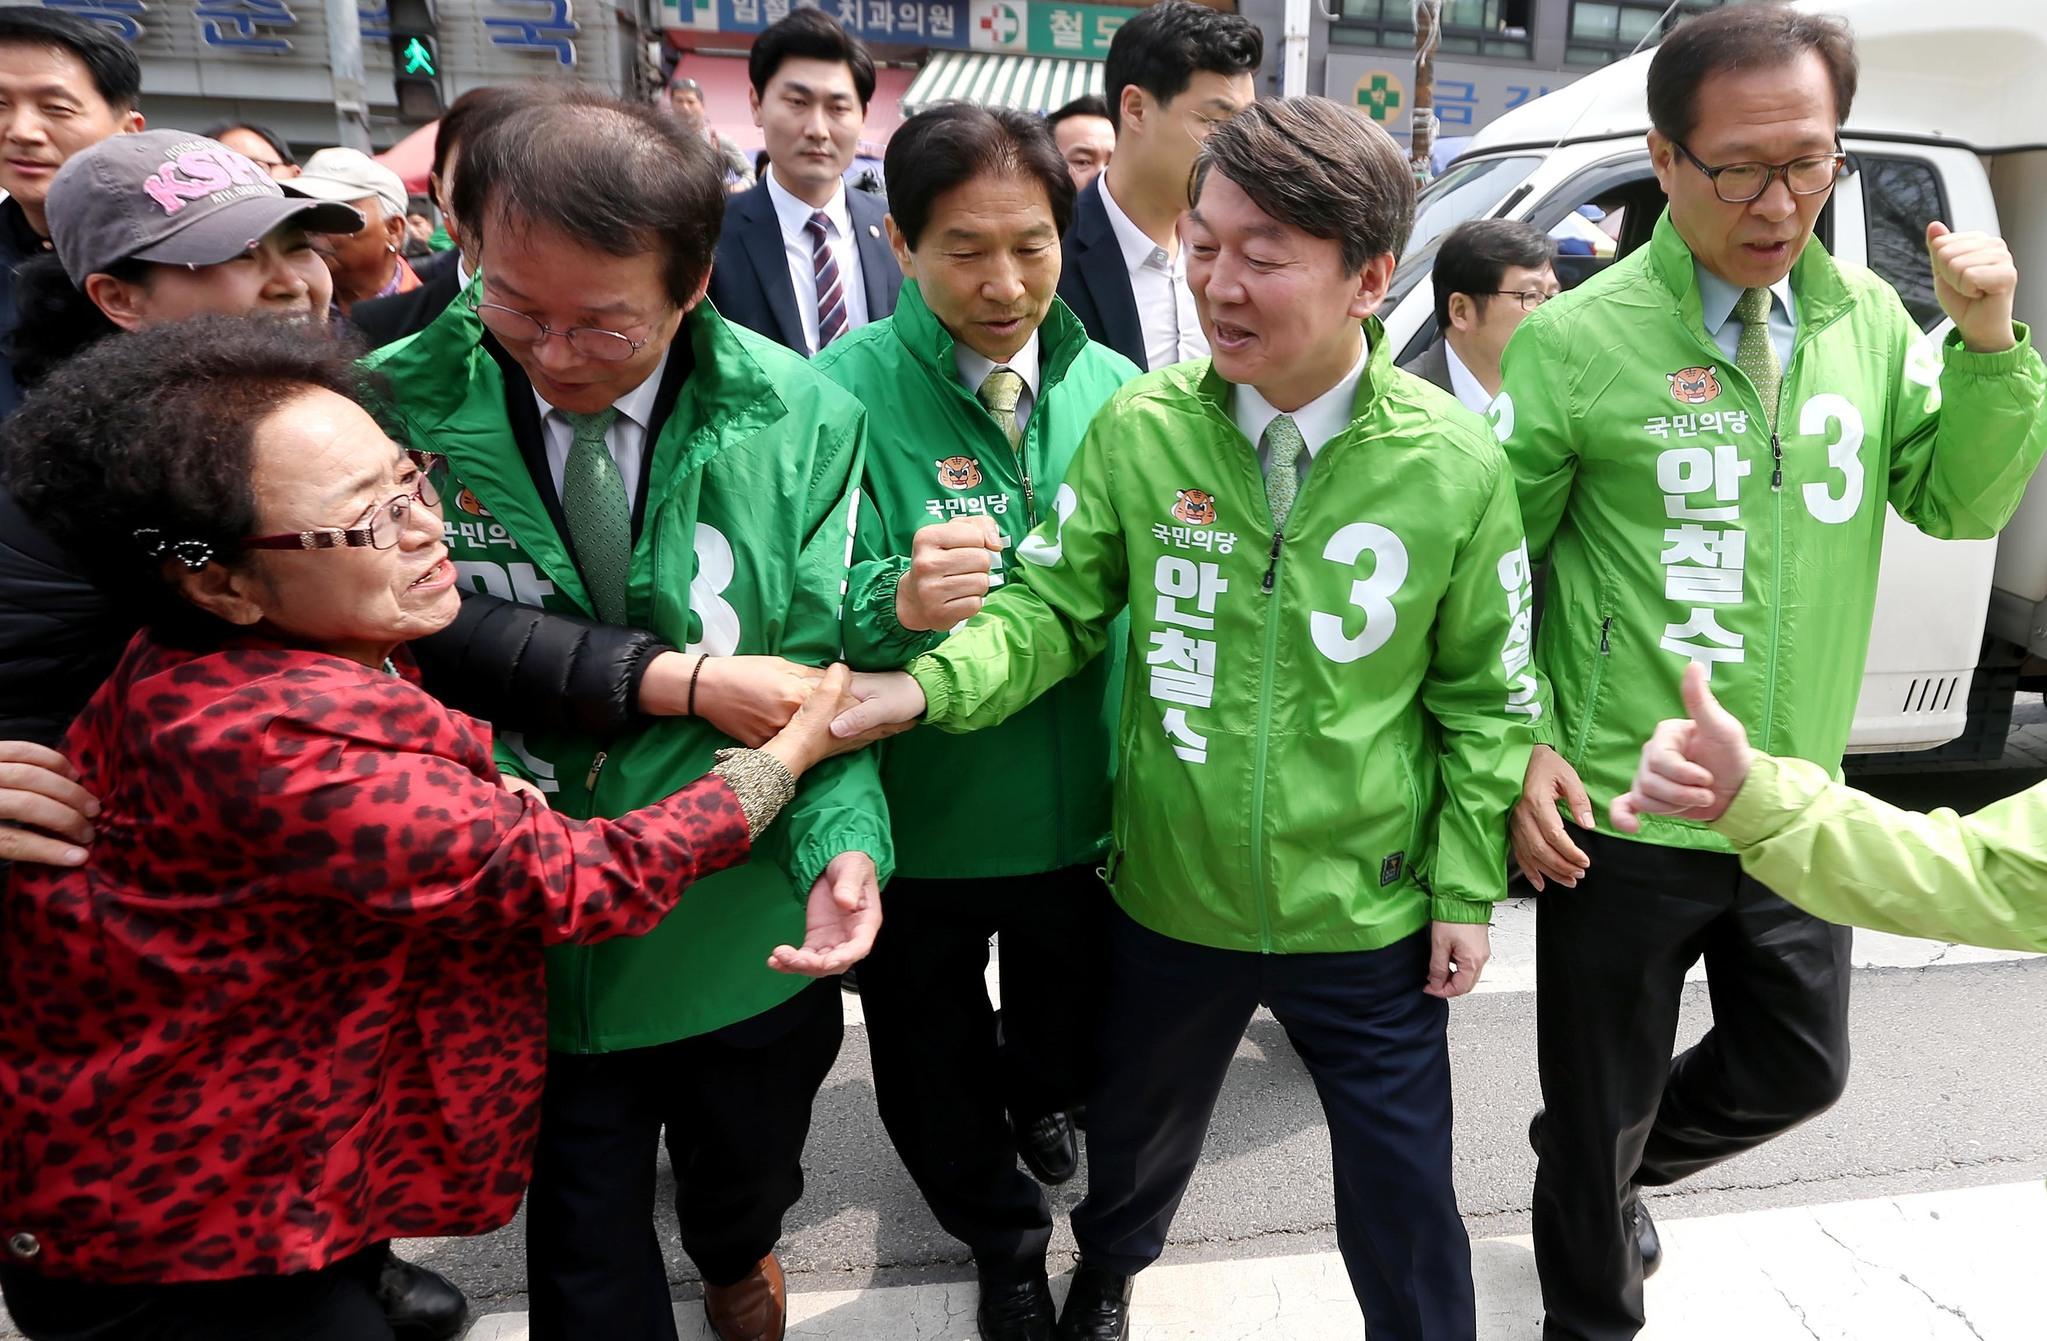 안철수 국민의당 후보가 18일 오전 대전 동구 중앙시장에서 한 시민과 악수나누고 있다. [국회사진기자단]